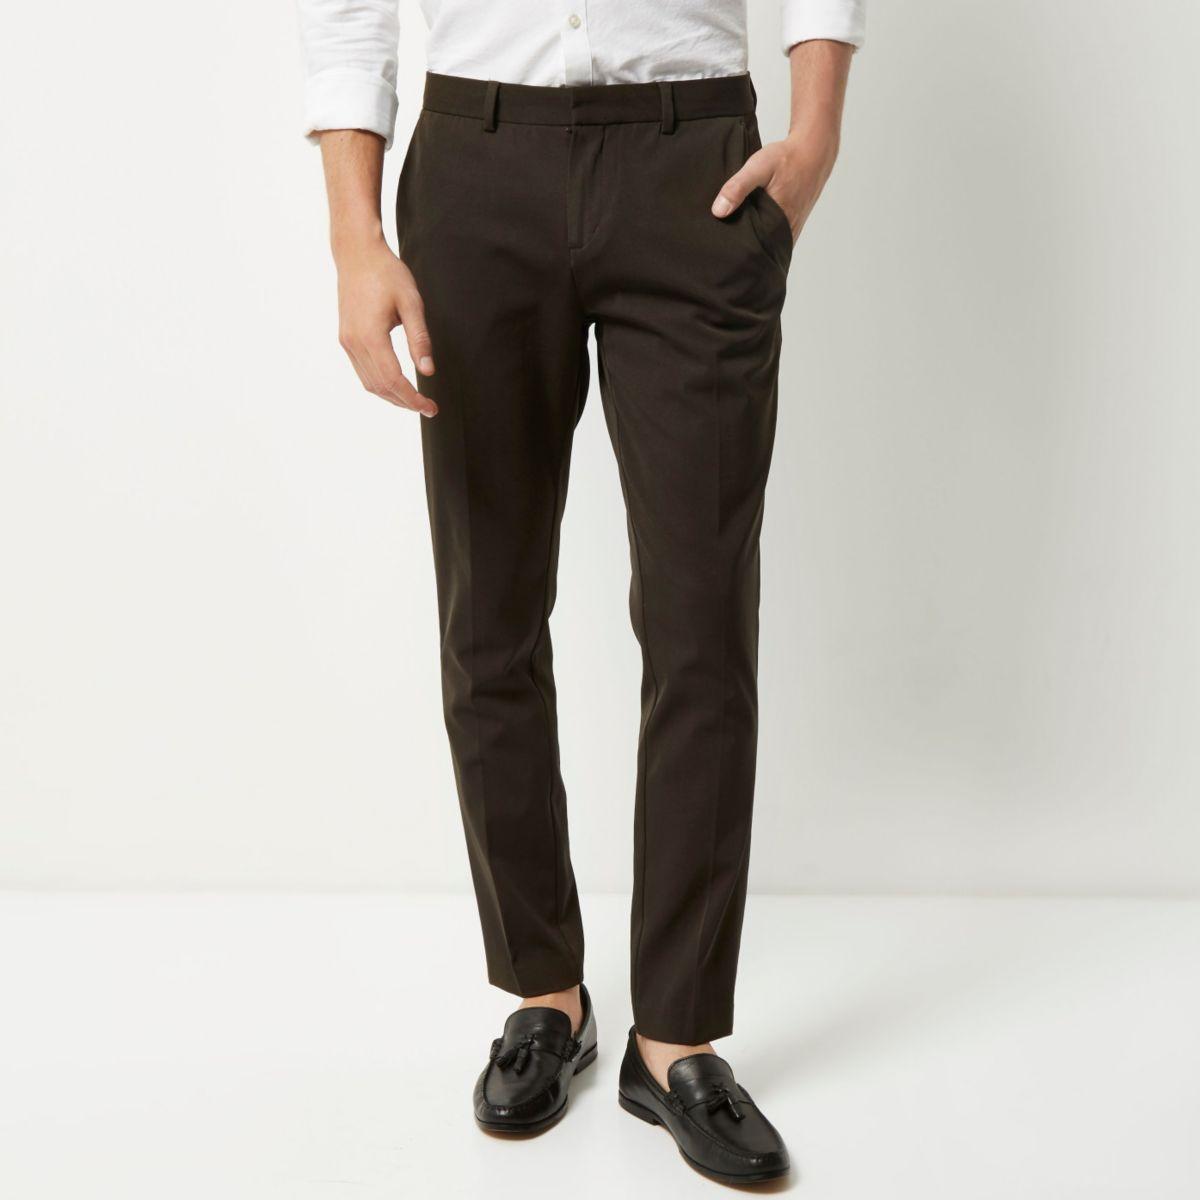 Khaki skinny fit pants